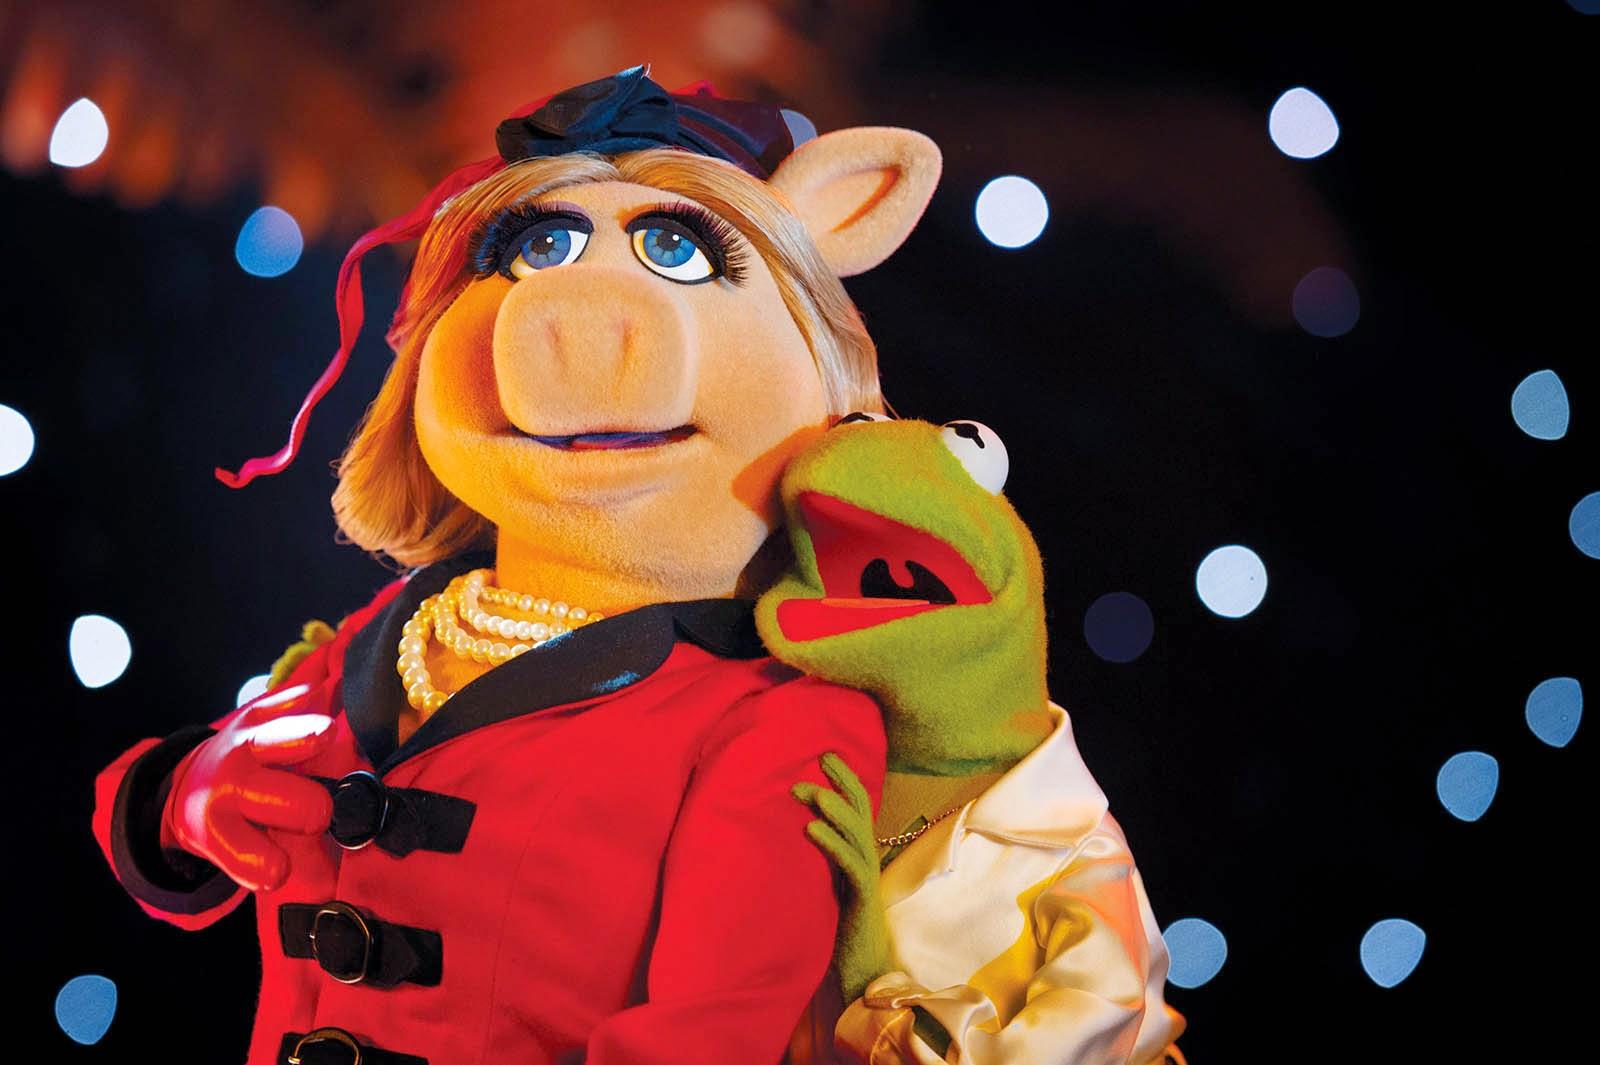 muppet necking